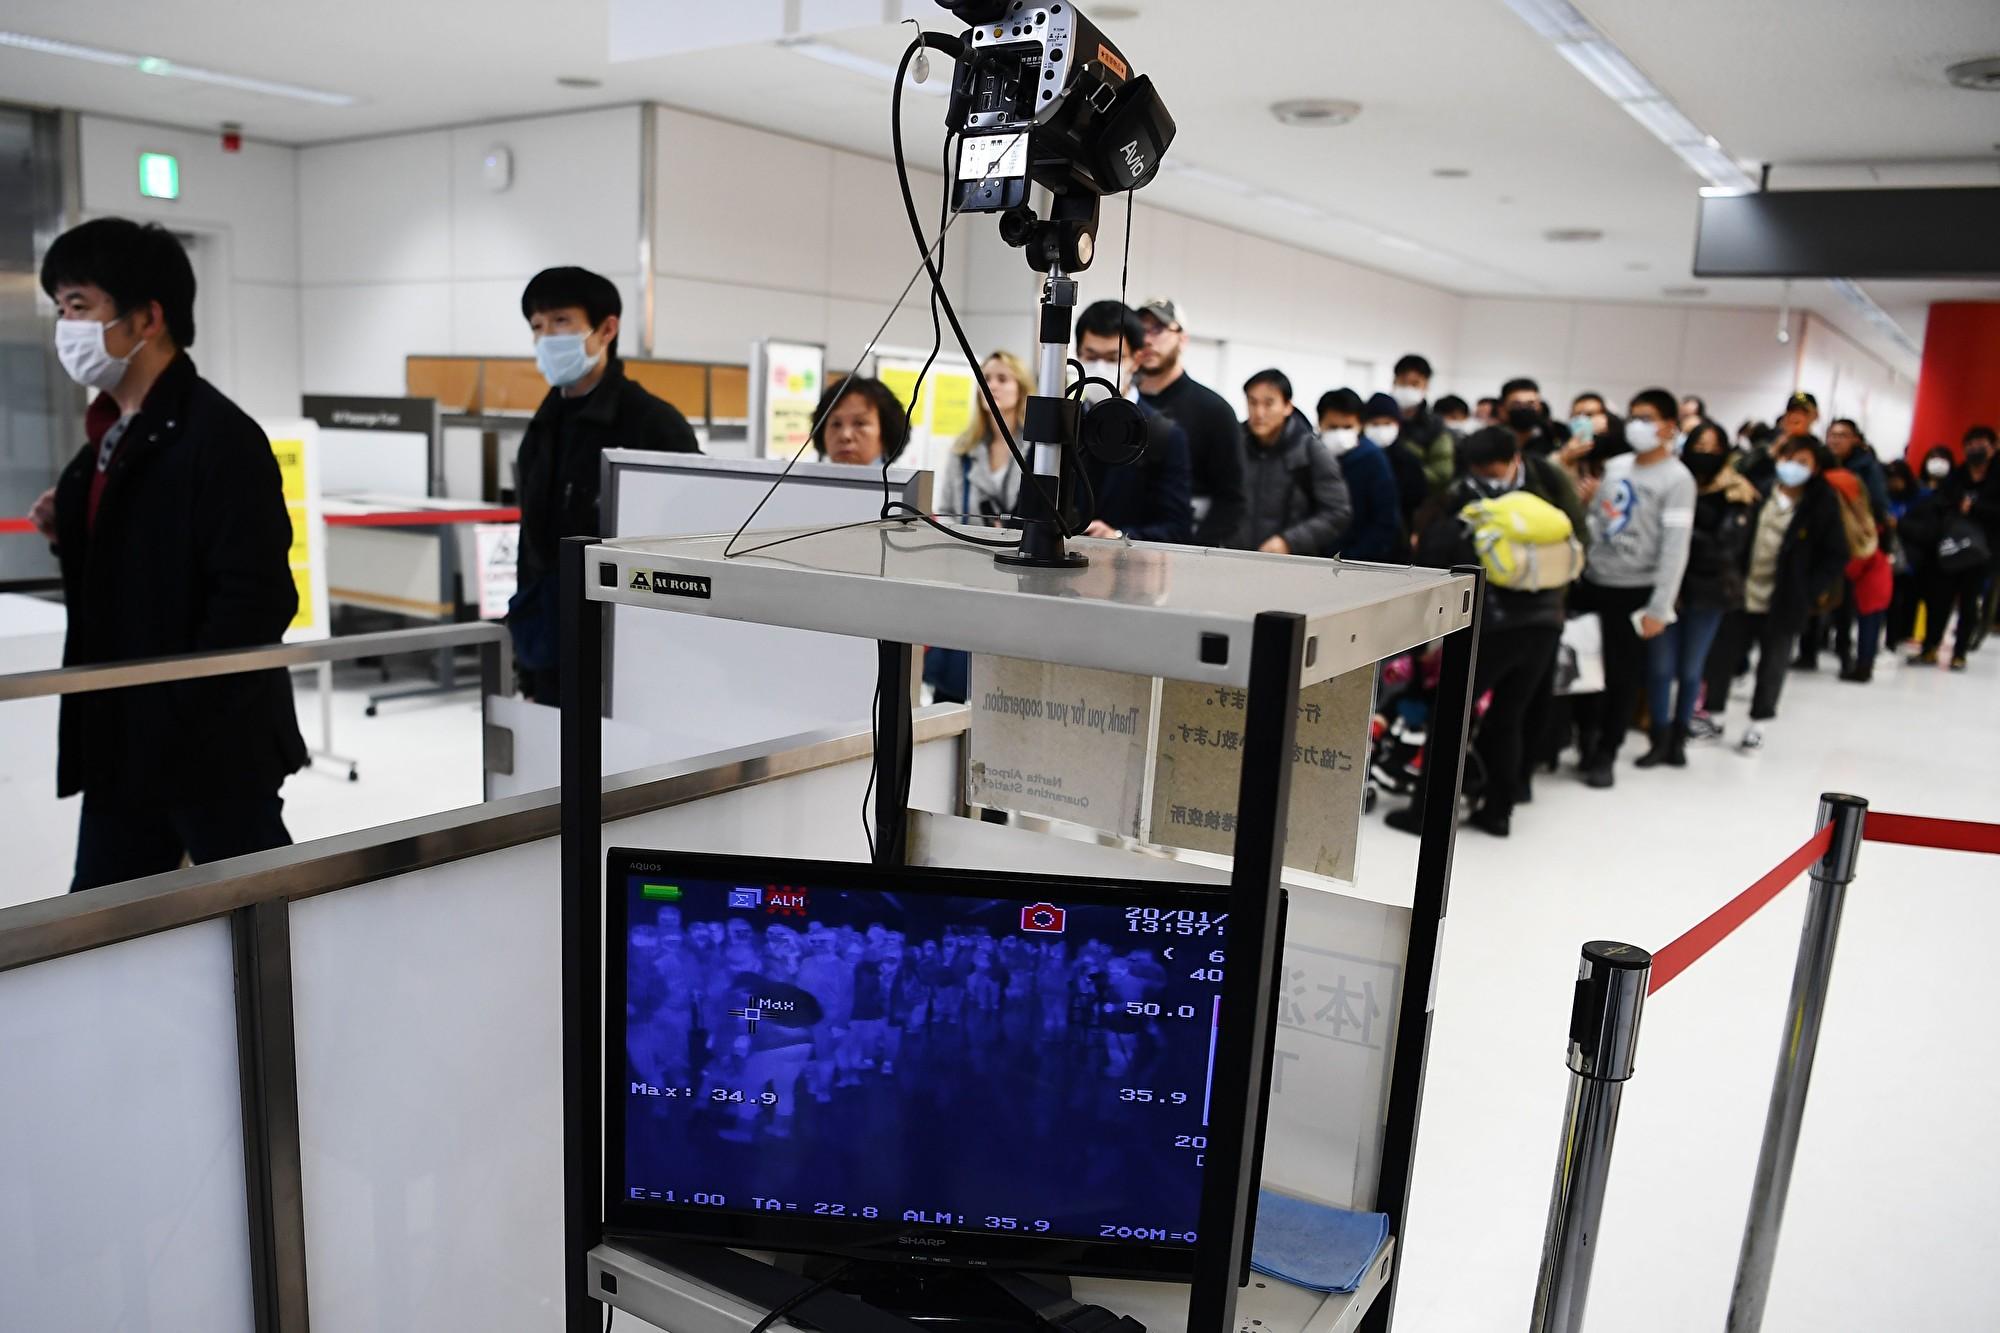 由於中共病毒在中國大陸蔓延,美國國務院2020年1月27日將中國旅行警告提高到第3級,呼籲民眾「三思而後行」。 (CHARLY TRIBALLEAU/AFP via Getty Images)